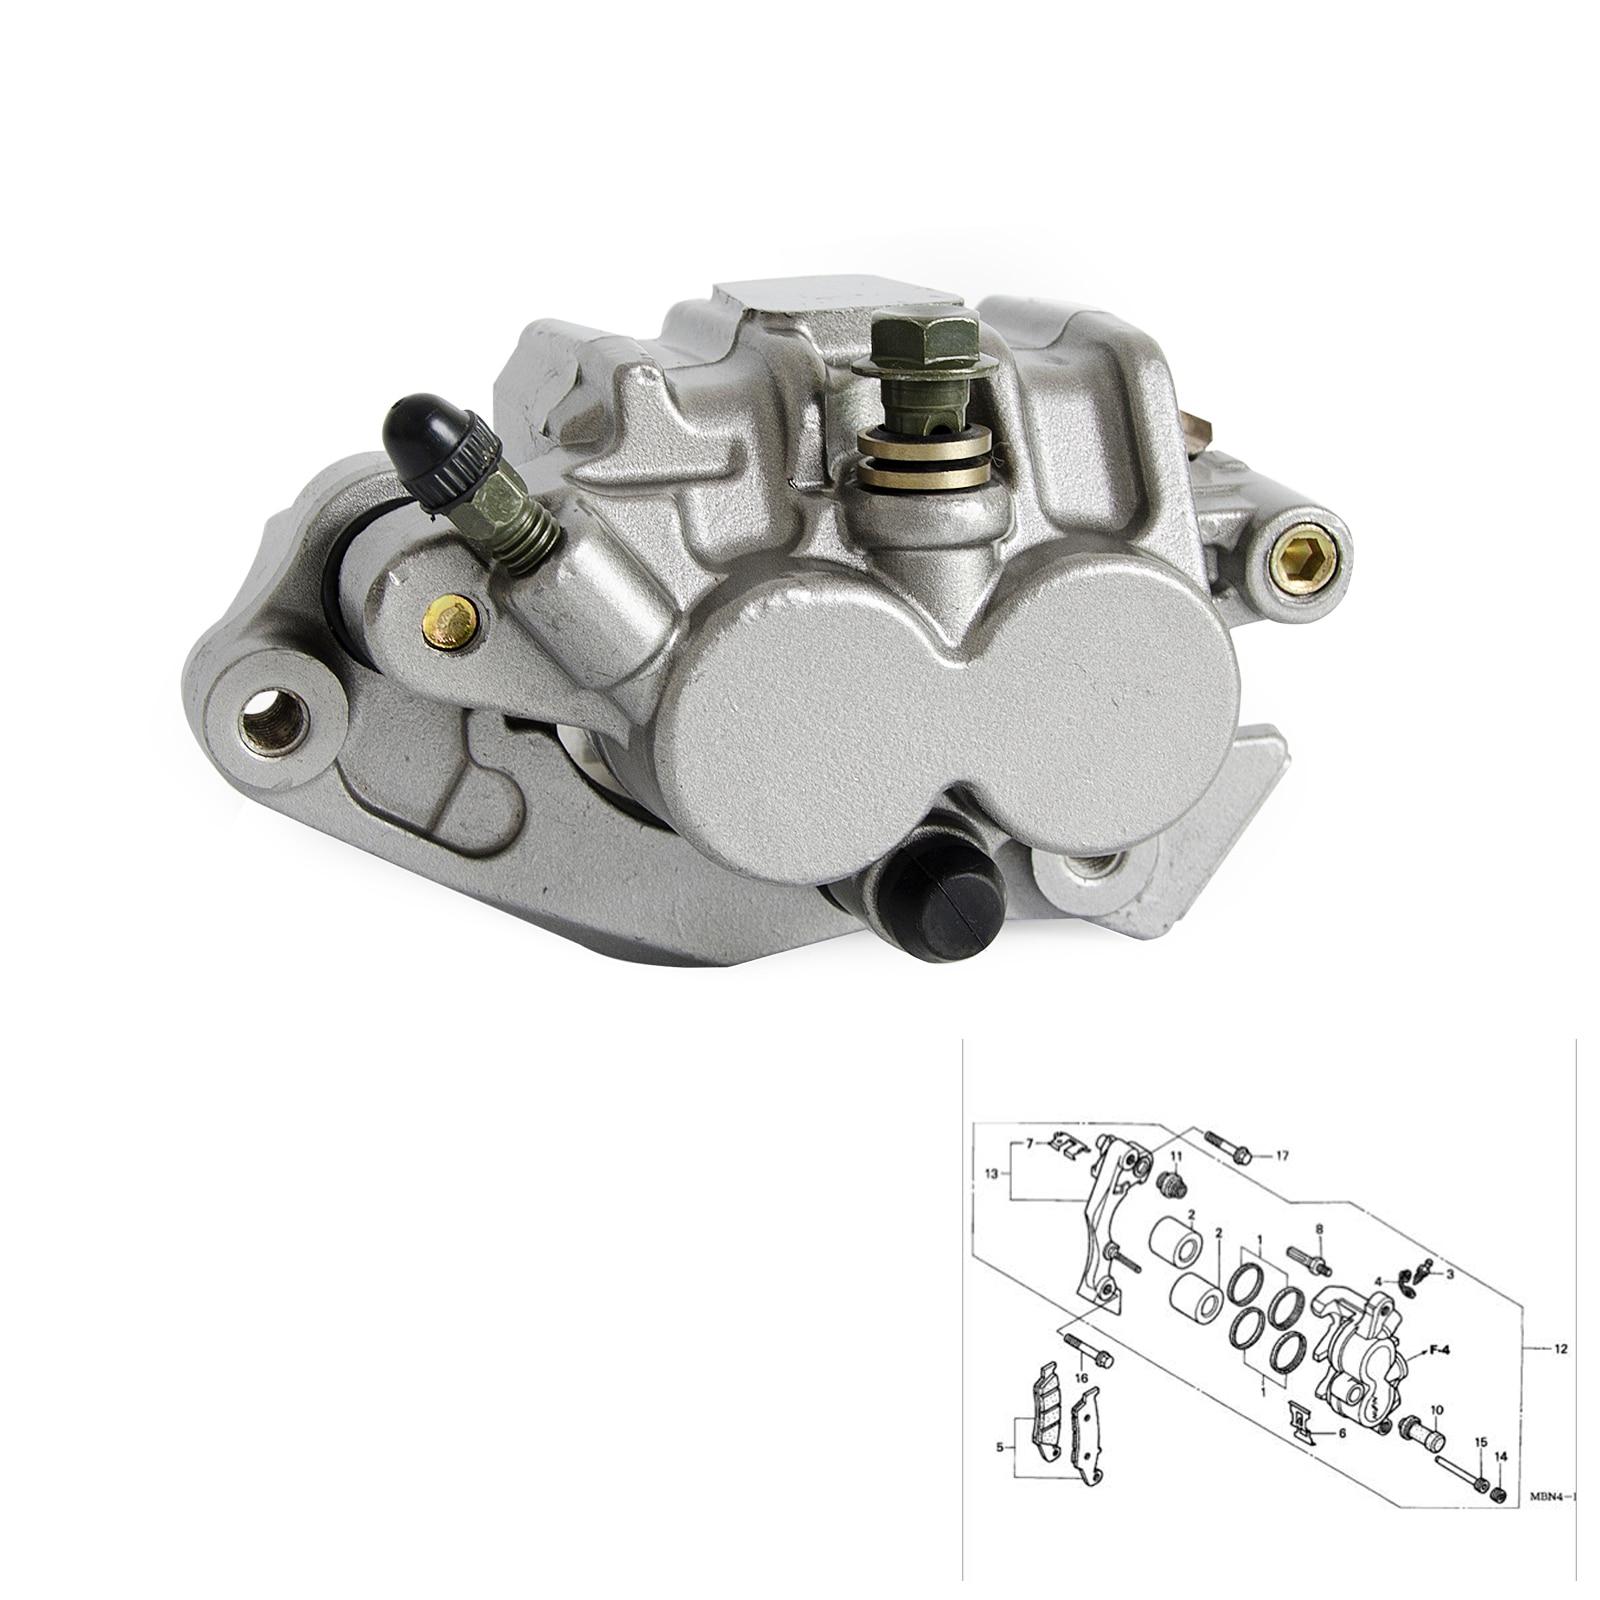 Front-Brake-Caliper XR650R CR250R 125R Crf 150f 230F 2003-2009 Honda for Cr250r/Crf150f/Crf230f/..